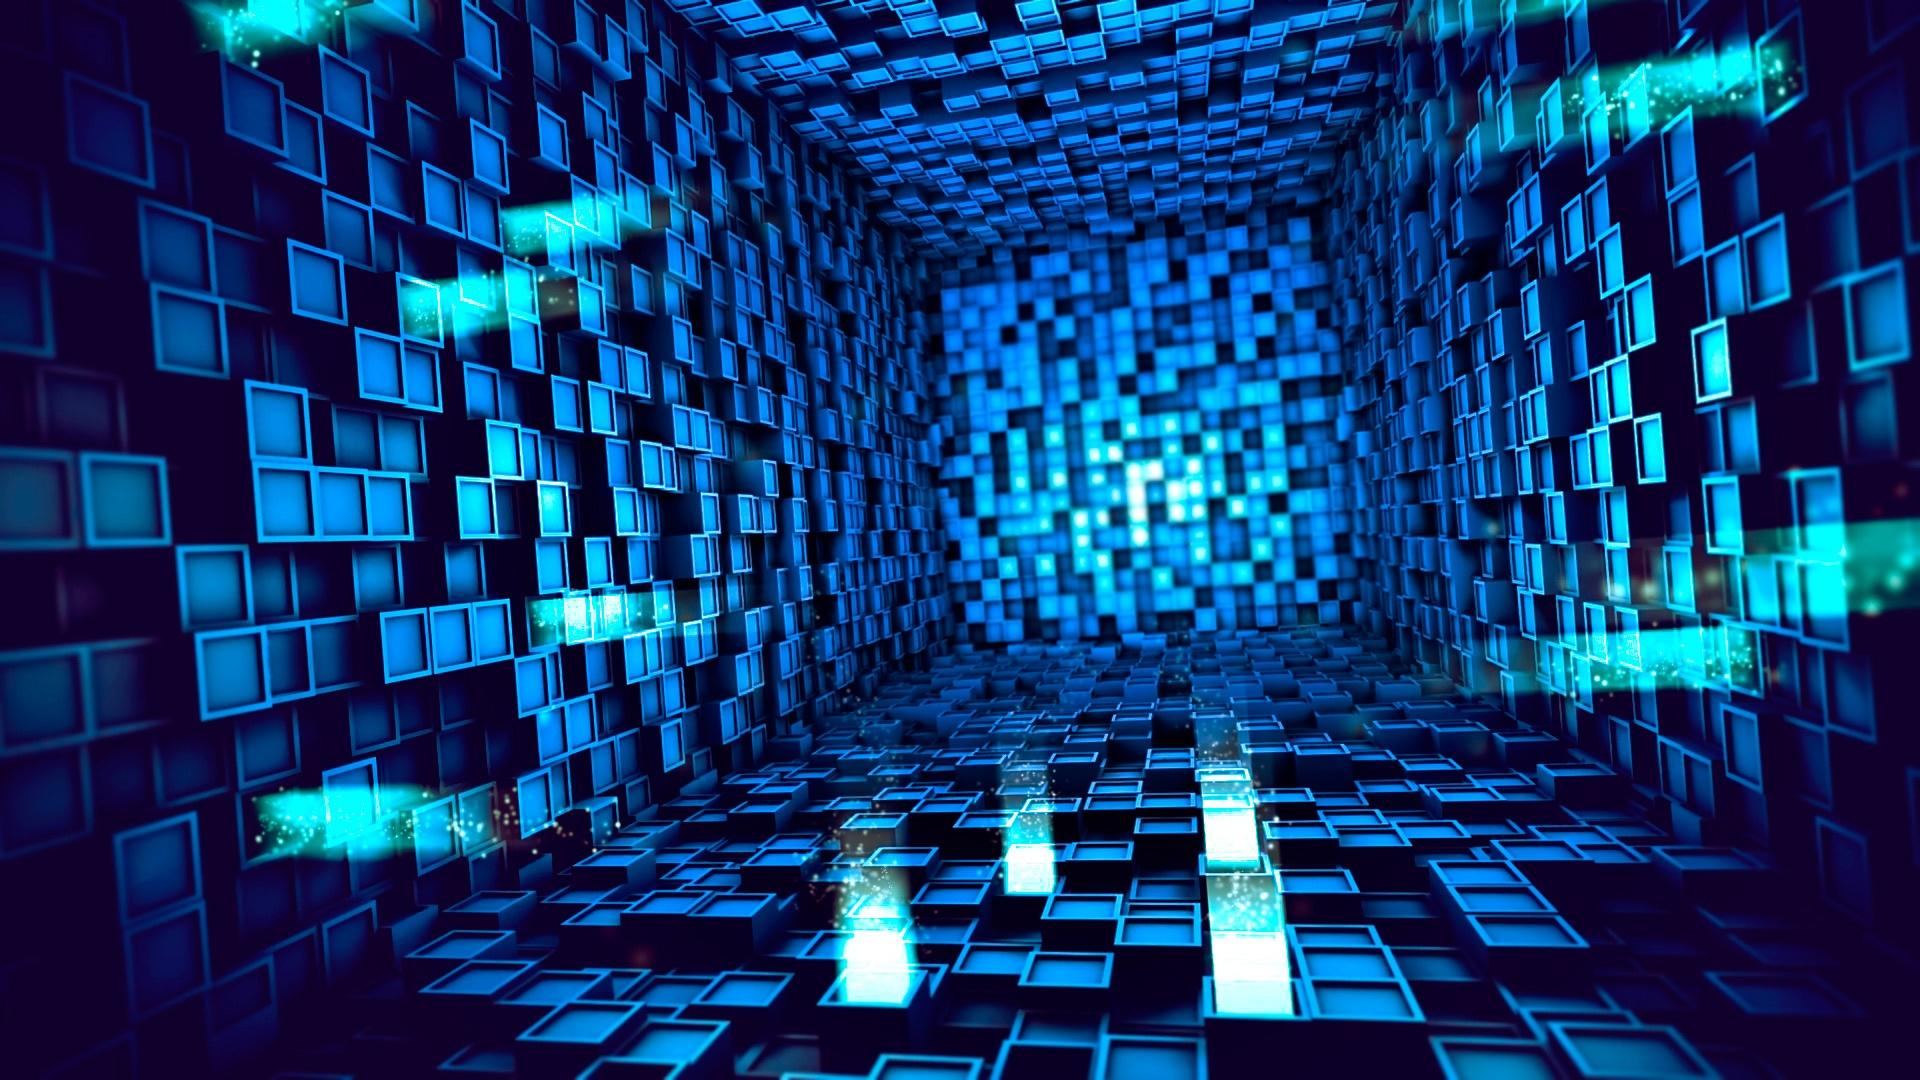 Download 3D High Tech Wallpaper 3440 1920x1080 px High 1920x1080